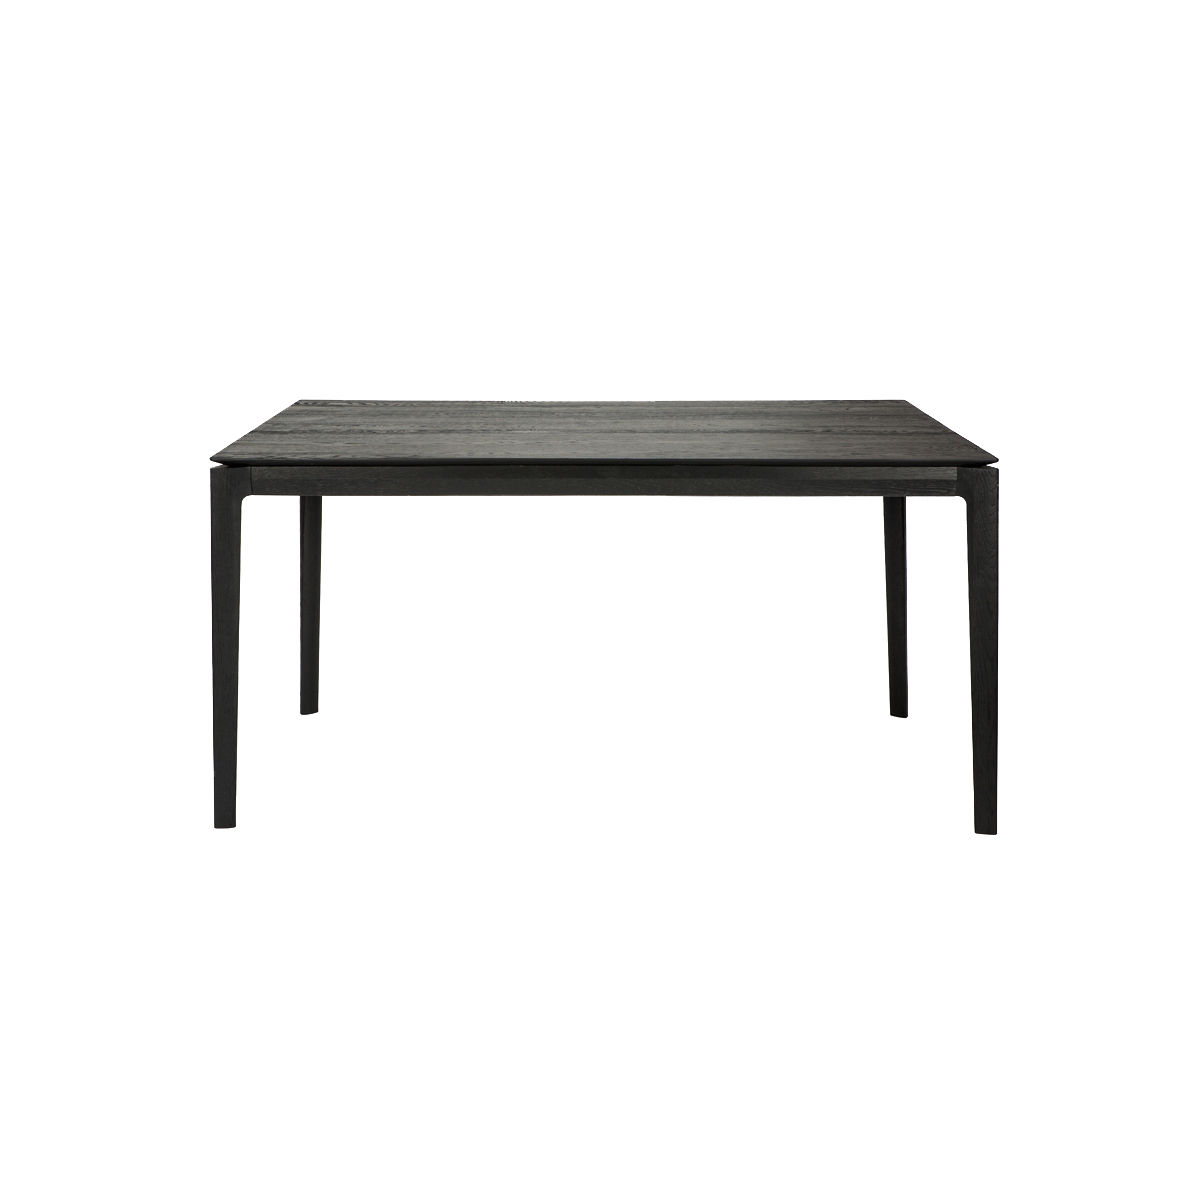 Table rectangulaire Bok / Chêne massif - 180 x 90 cm / 8 personnes - Ethnicraft noir en bois